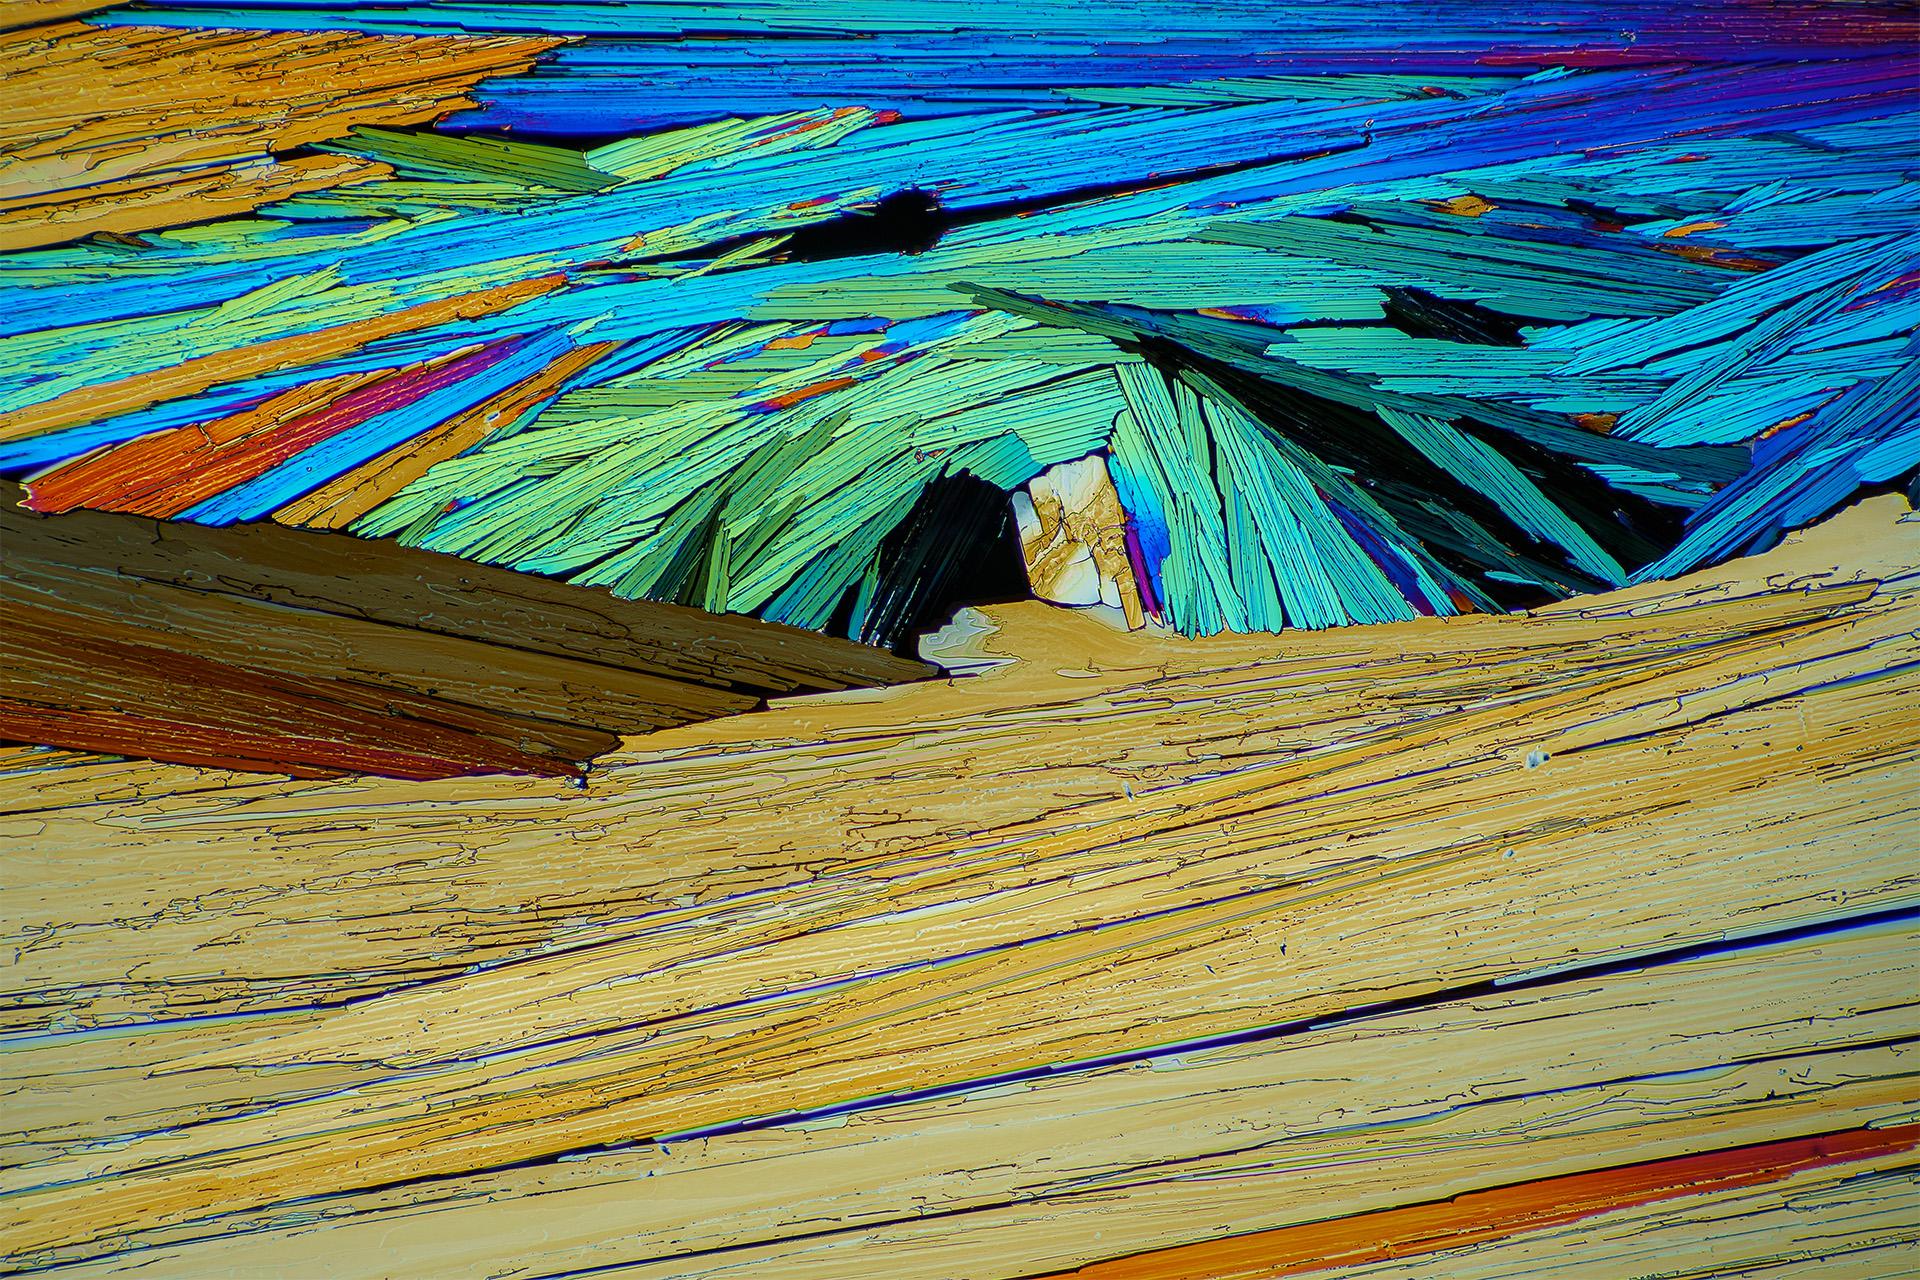 Bernsteinsäure in einer Vergrößerung von 120:1, Mikro Kristall im polarisierten Licht.